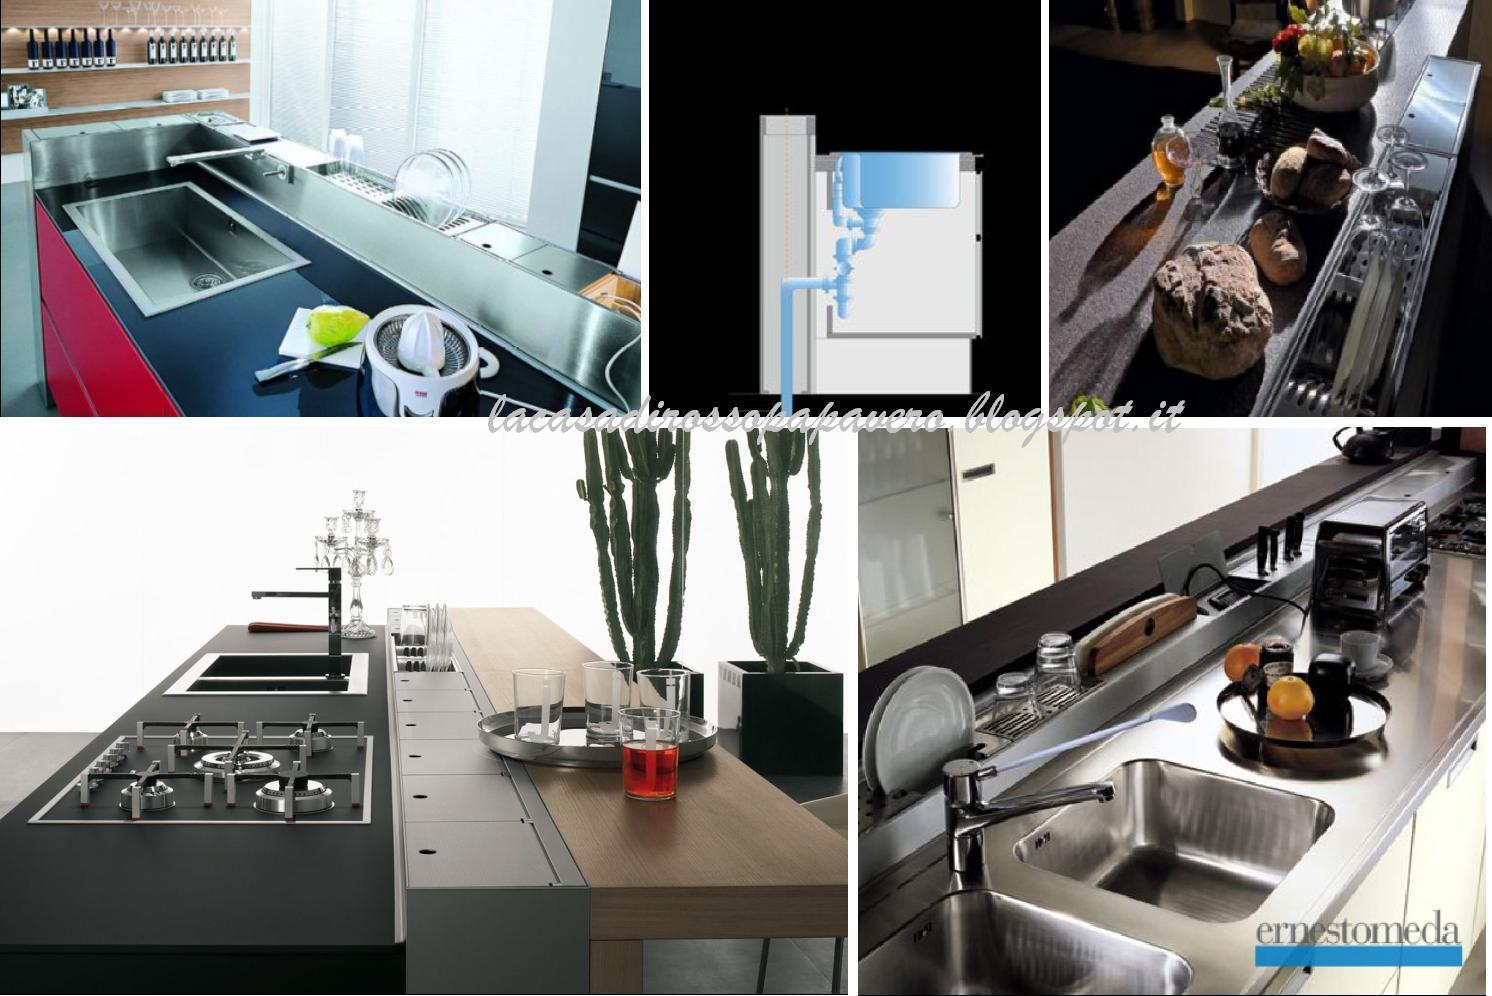 Canale attrezzato in cucina blog arredamento - Canale attrezzato valcucine ...